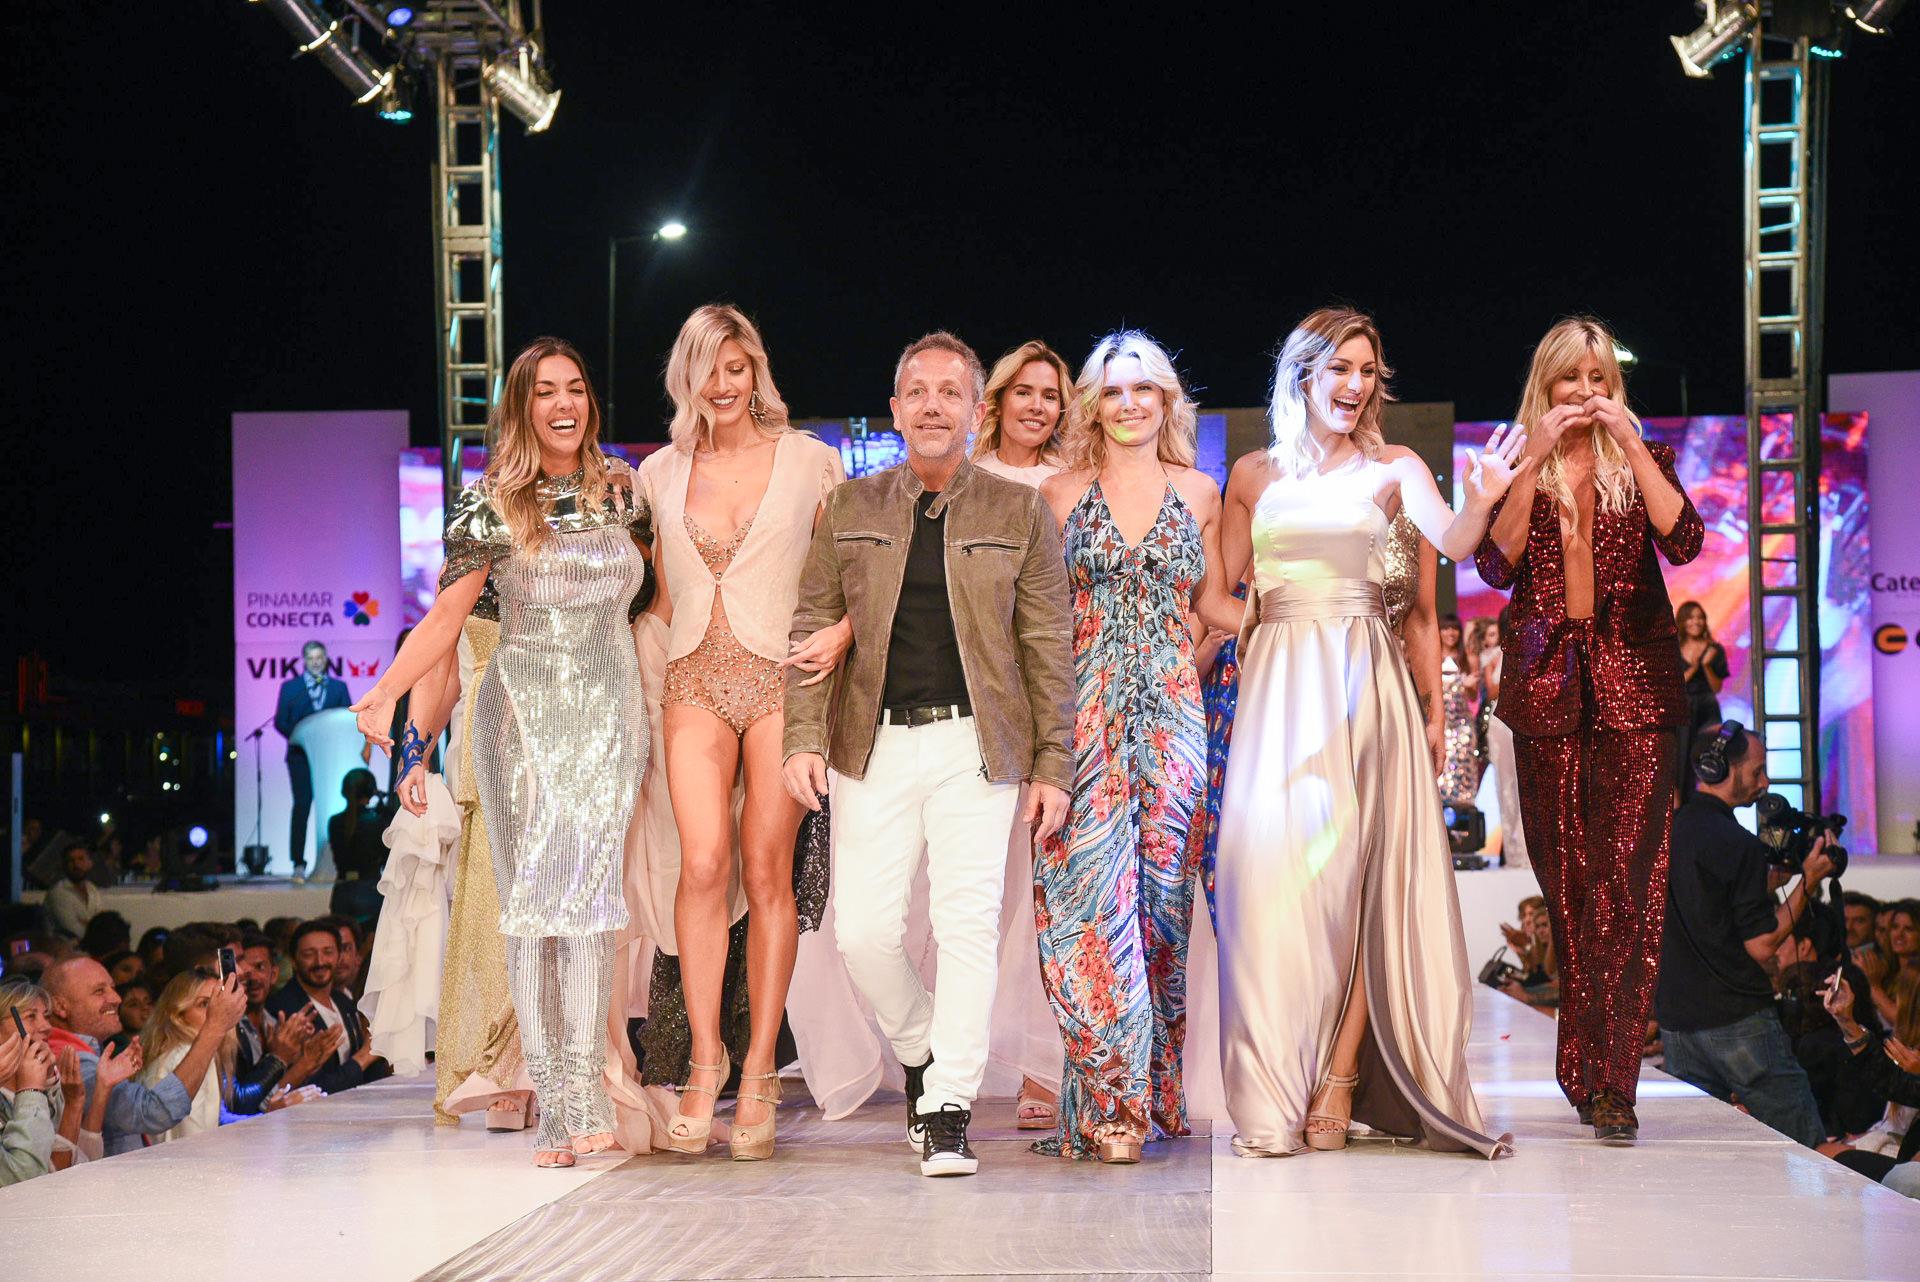 La edición número 16 del Pinamar Moda Look dijo adiós con un cierre triunfa hasta otro año, con más moda, belleza y mucha tendencia, y contó con la presencia en la pasarela de Guillermo Azar